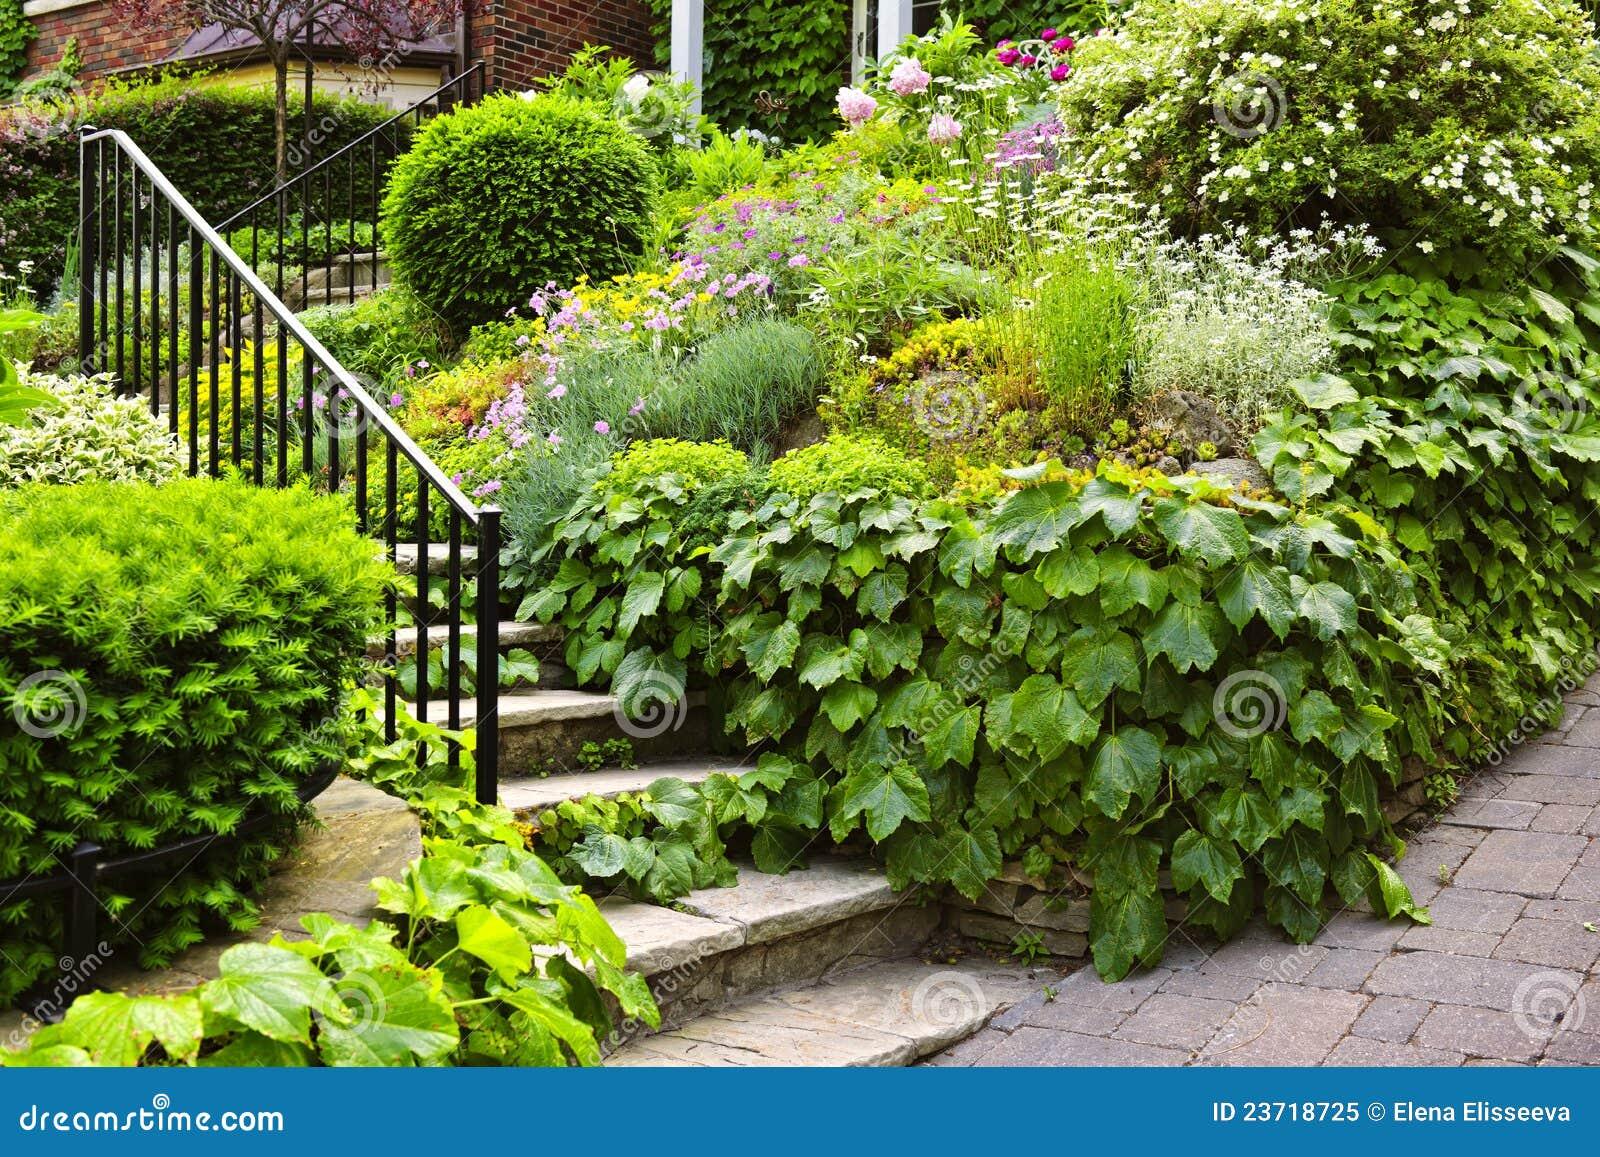 escaleras de piedra naturales del jard n imagen de archivo On escaleras para caminar fuera del jardin